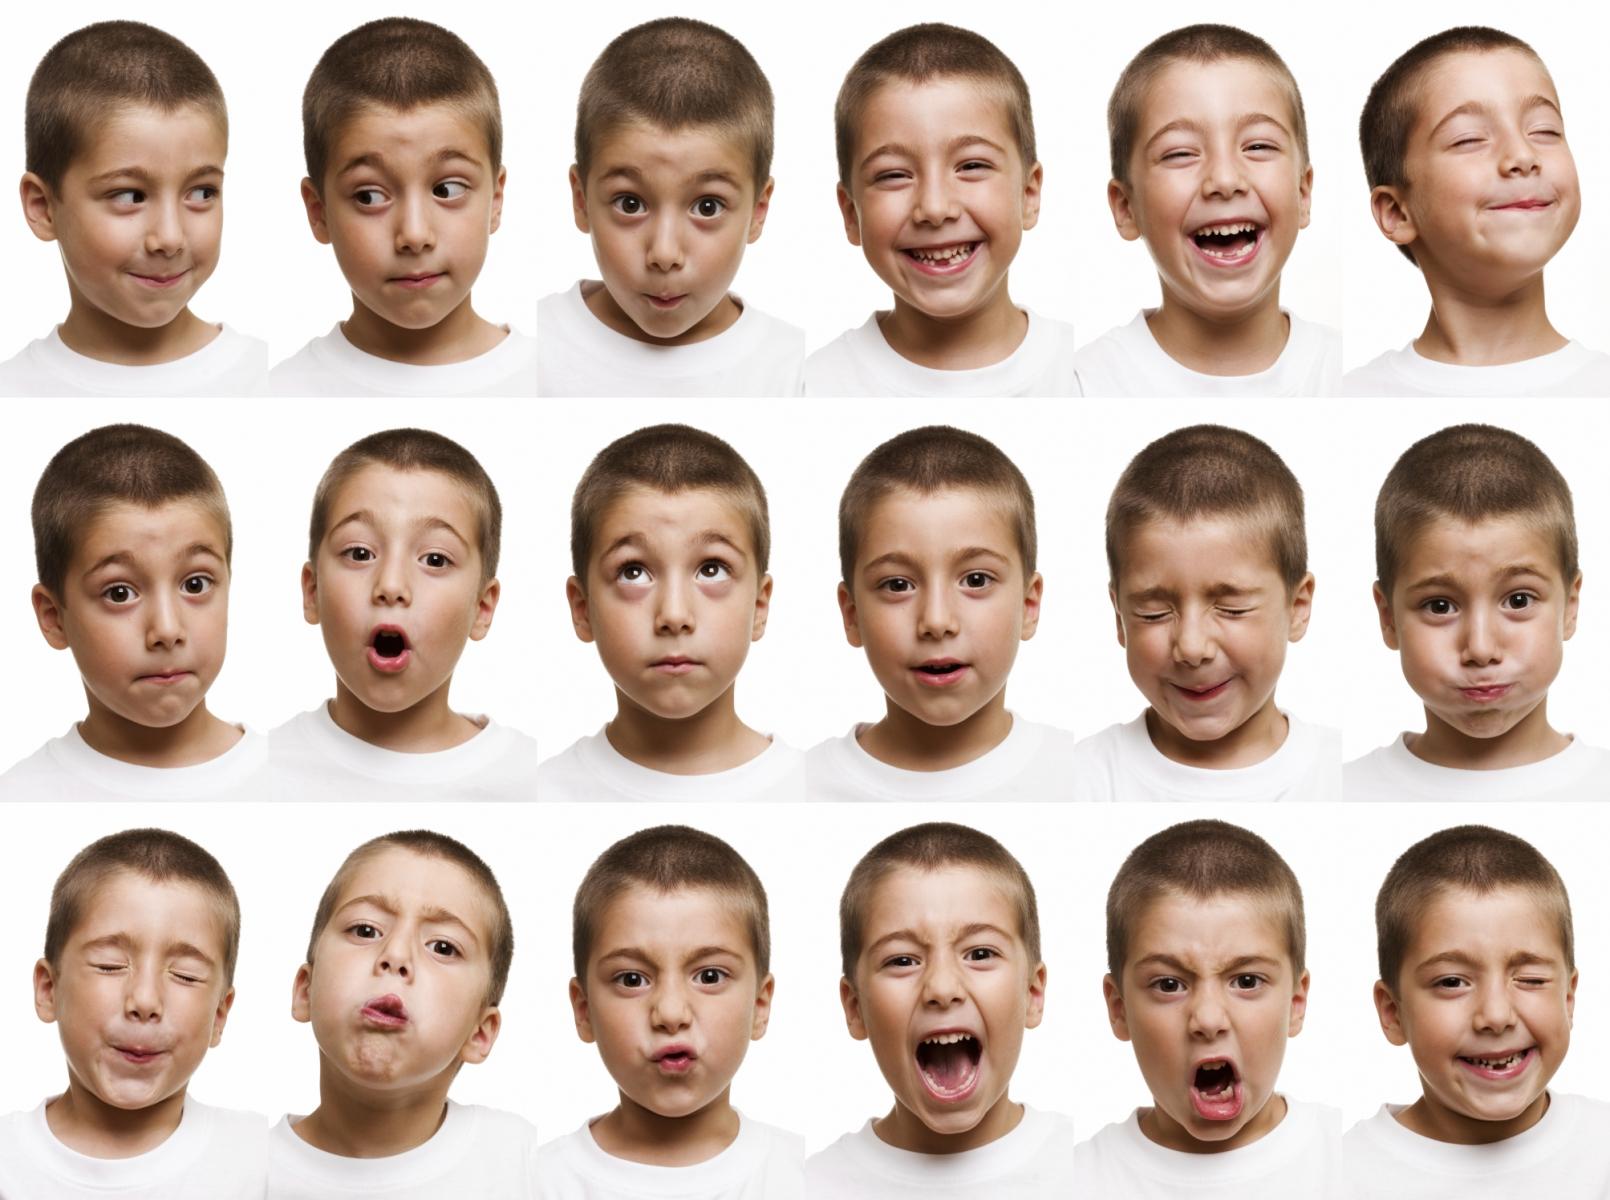 Científicos Identifican Nuevas Categorías De Emociones Humanas El